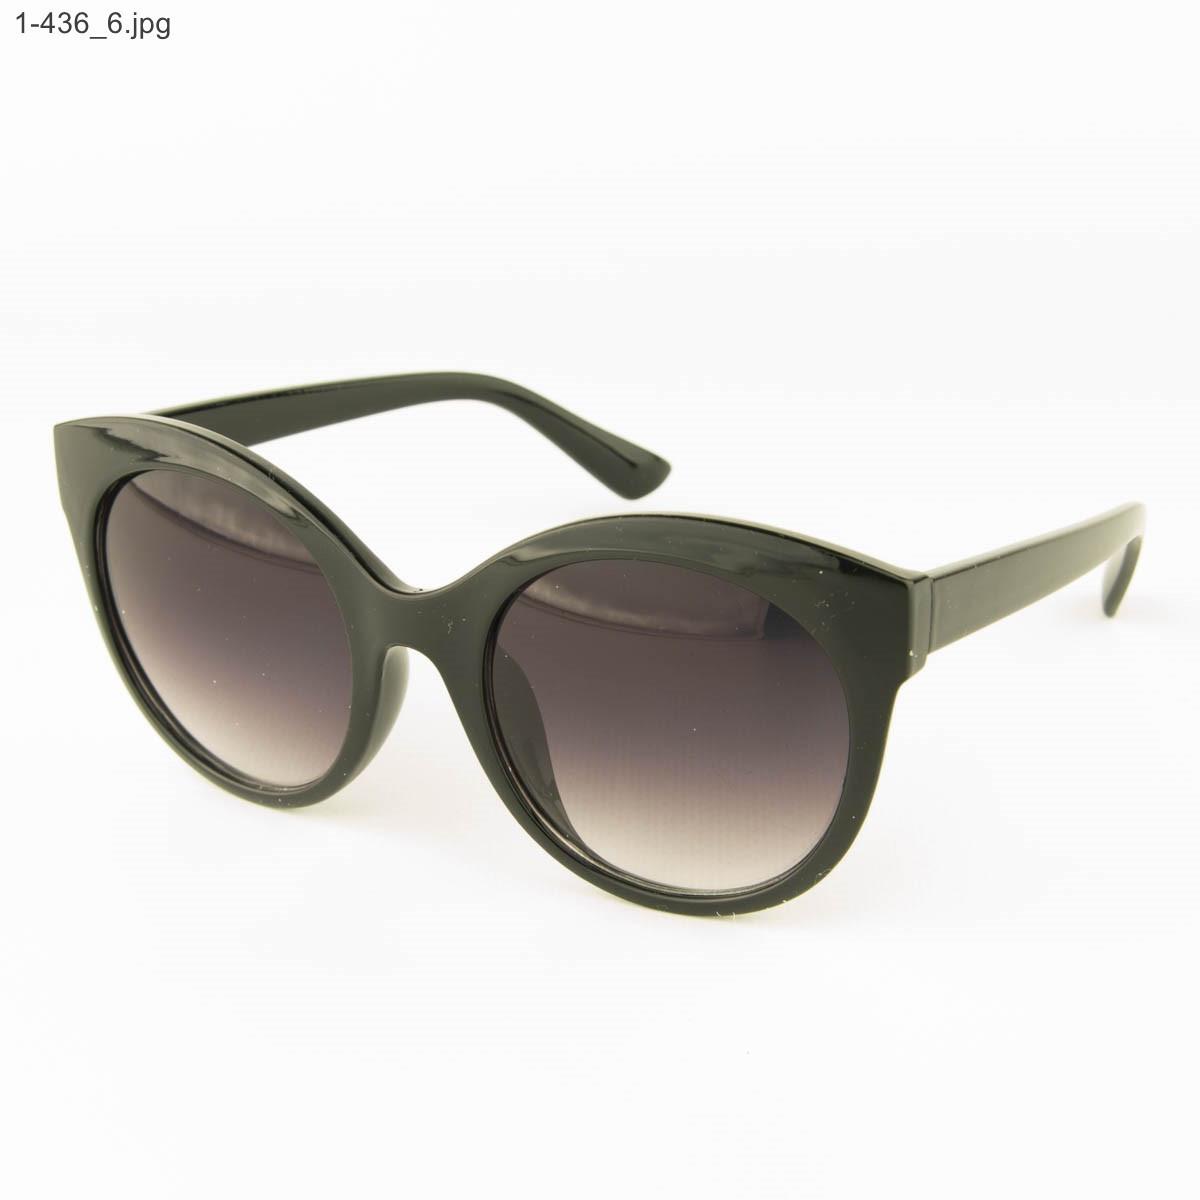 Оптом женские очки солнцезащитные - черные - 1-436